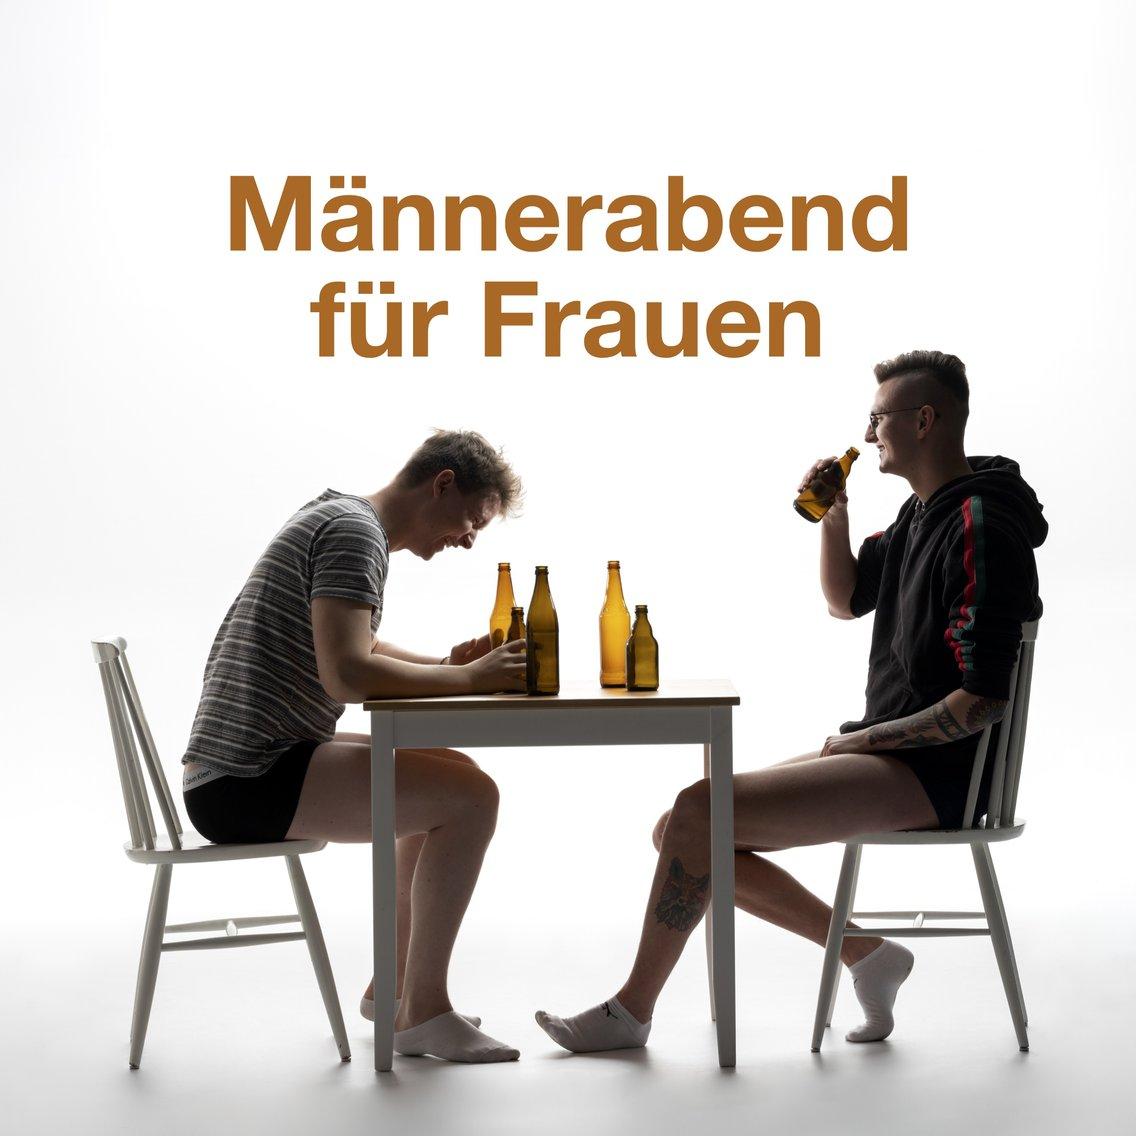 Männerabend für Frauen - Cover Image